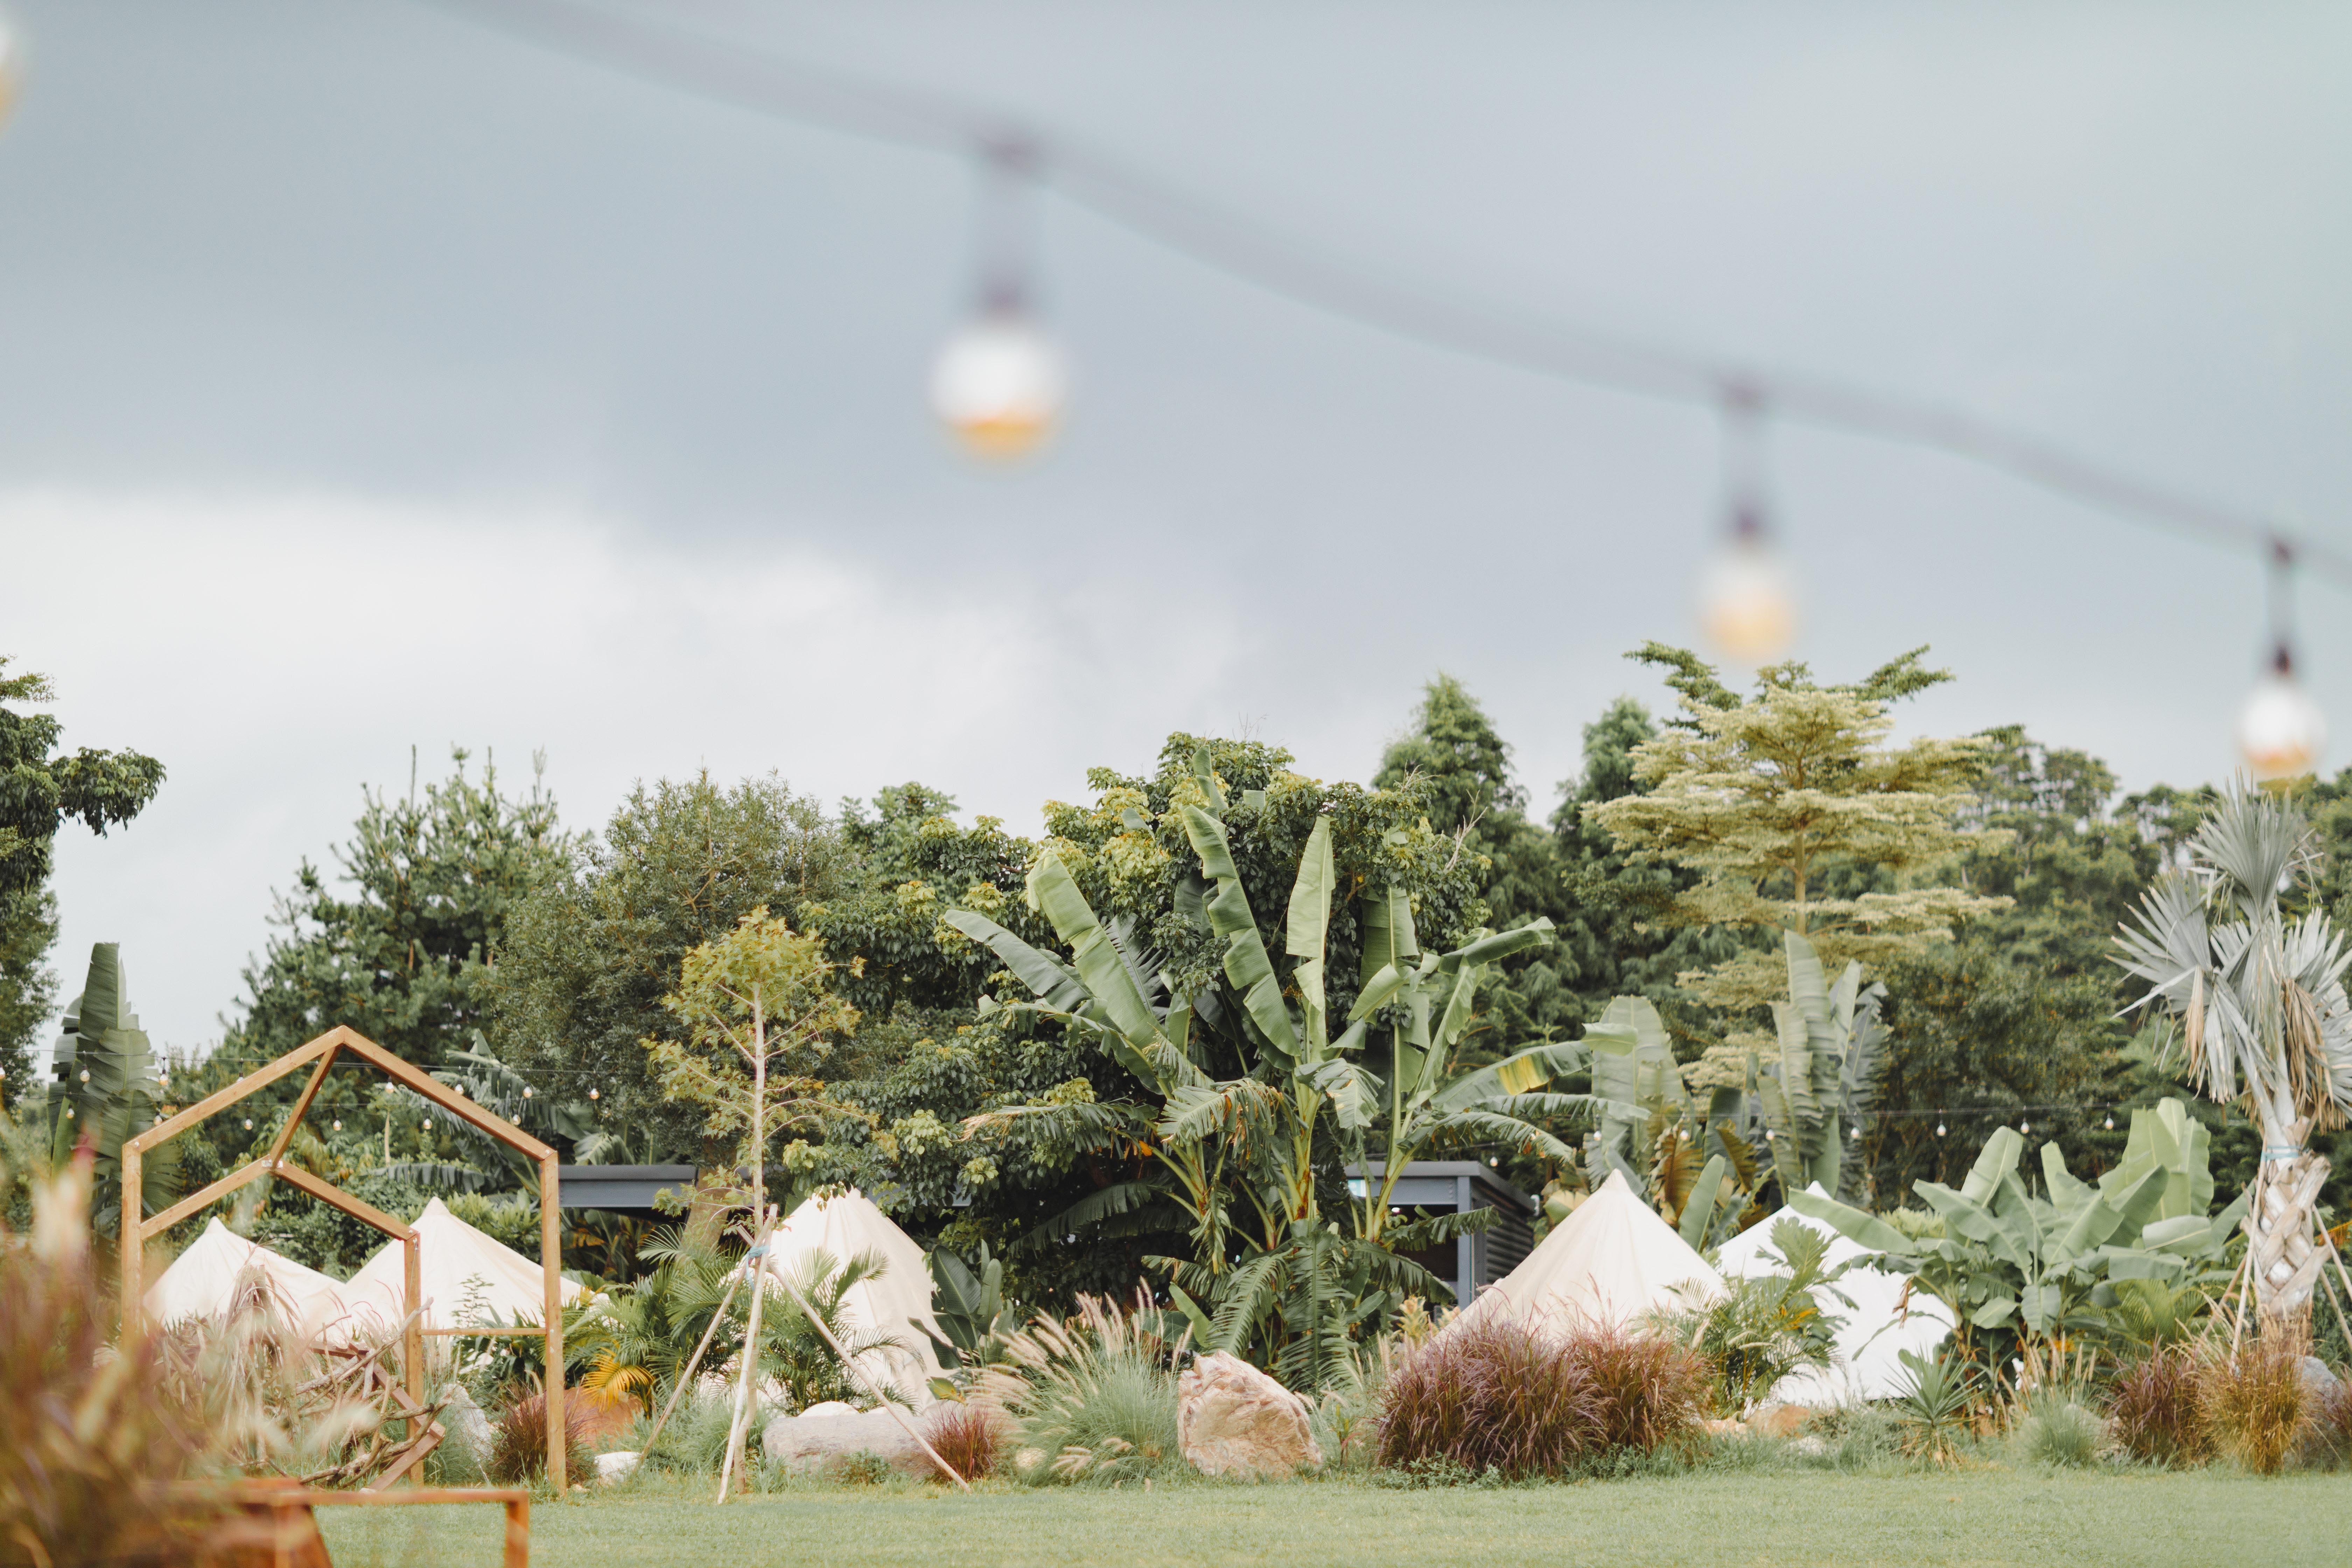 苗栗卓蘭・自然圈 LoFi Land|一泊三食有溫泉!空手來純享受的無裝備豪華露營,農野採集、手作體驗、美式燒烤…